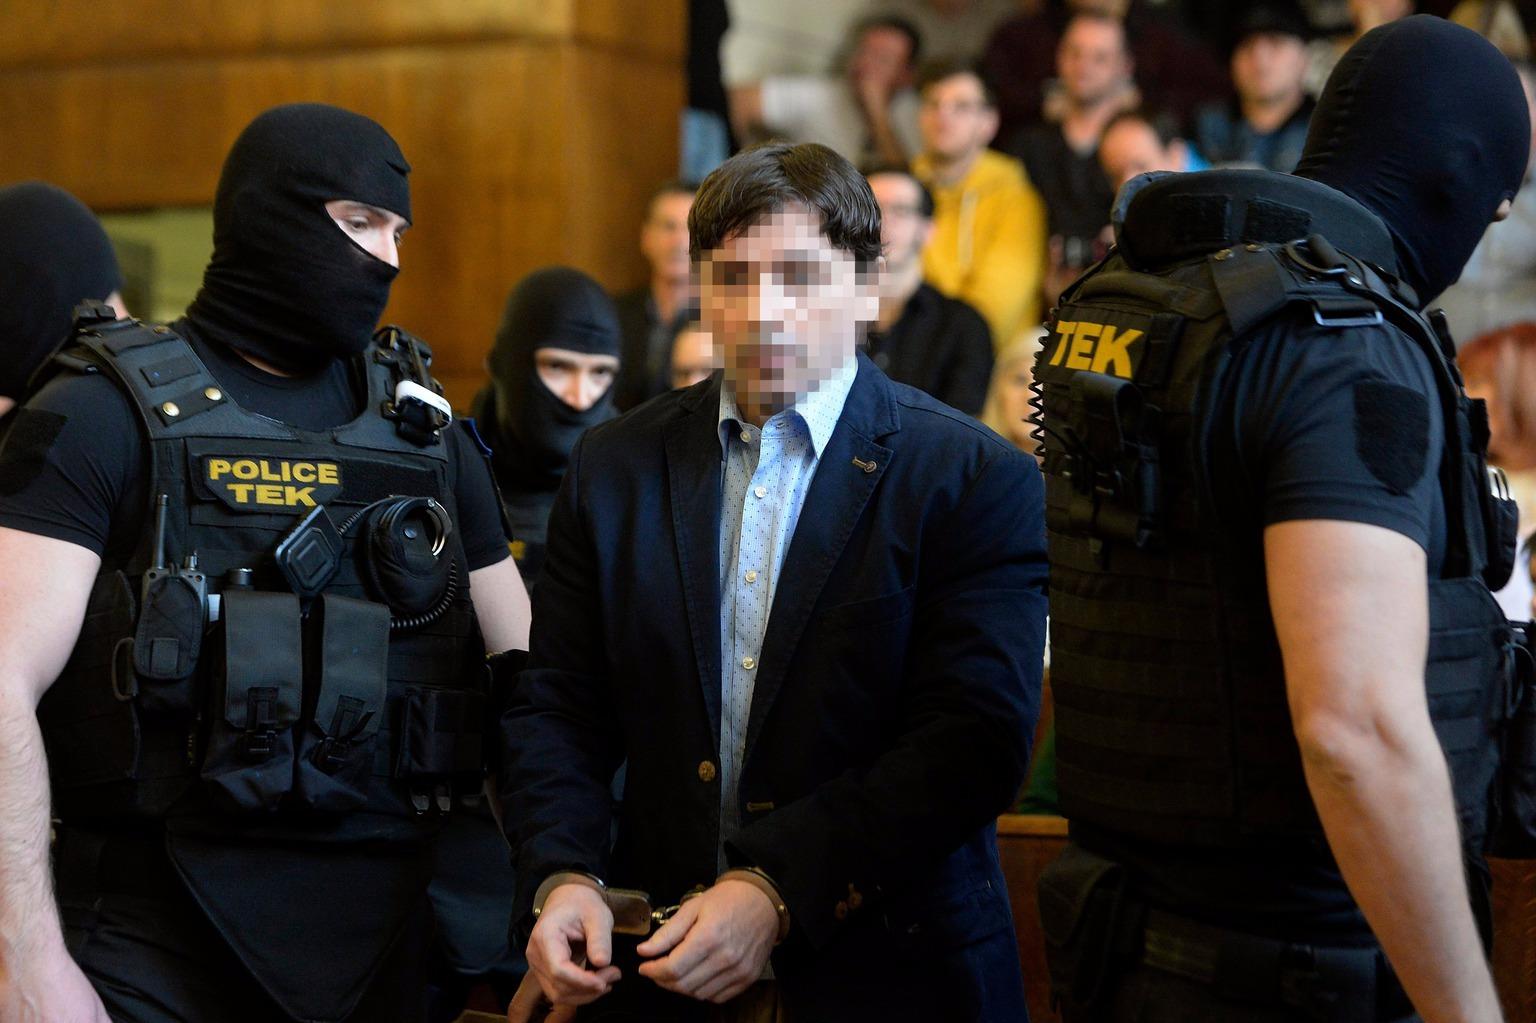 Portik Tamás a két évtizeddel ezelőtti Aranykéz utcai robbantás, valamint a Fenyő- és a Cinóber-gyilkosság összevont büntetőperének tárgyalásán a Fővárosi Törvényszék tárgyalótermében 2016. március 31-én. MTI Fotó: Kovács Tamás